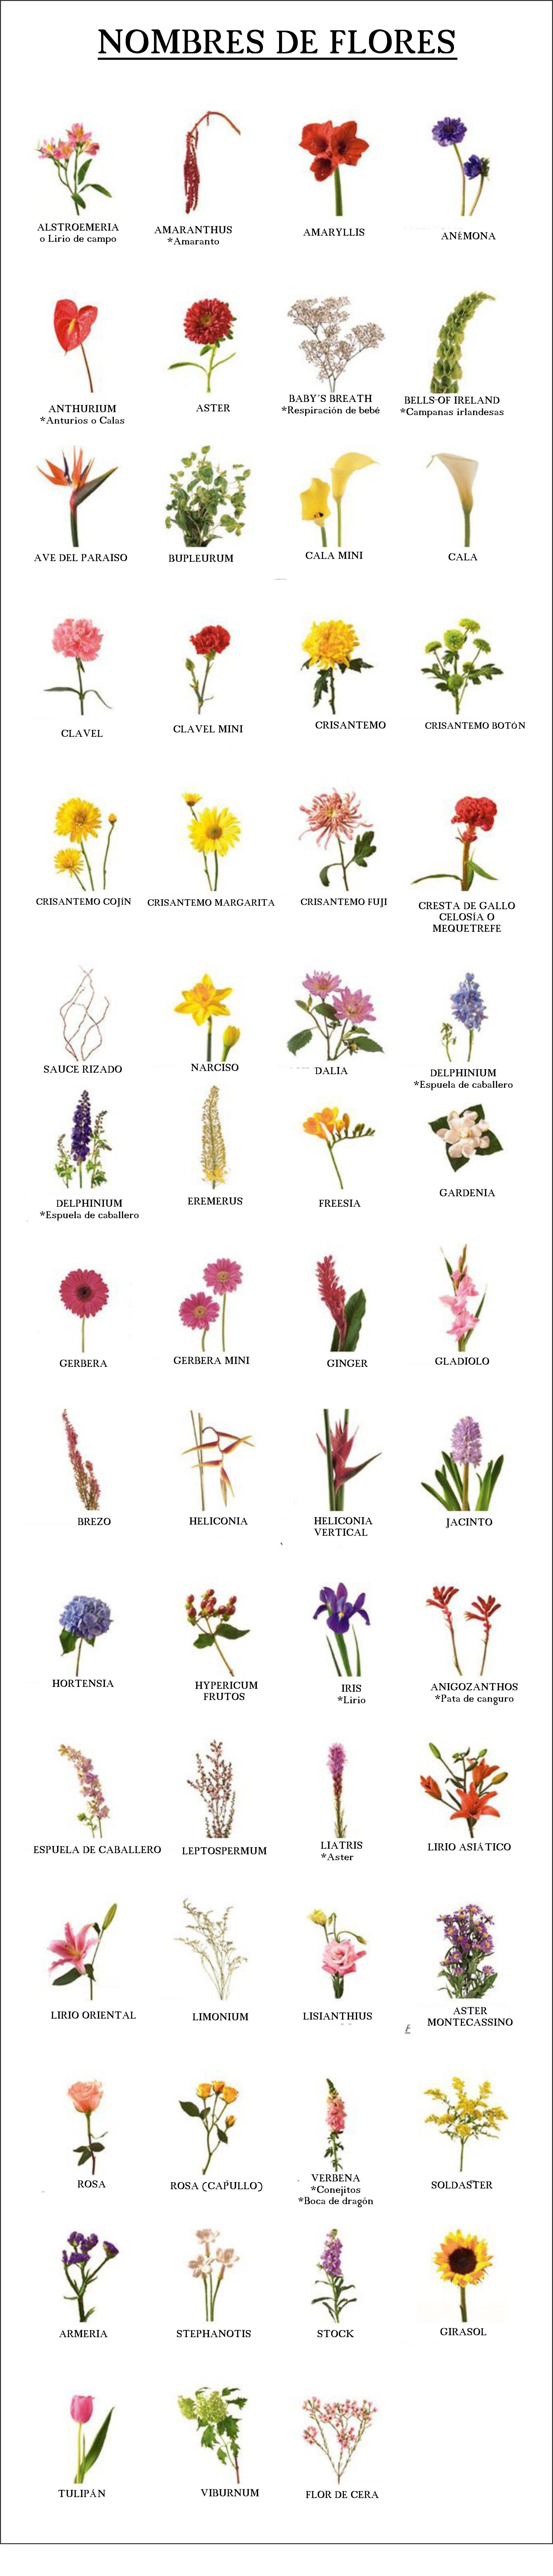 Nombre De Flores Que Puedes Elegir Para Tu Ramo De Novia Www Carmenmerino Net Portada Nombres De Flores Www Car Nombres De Flores Plantas Con Flores Flores